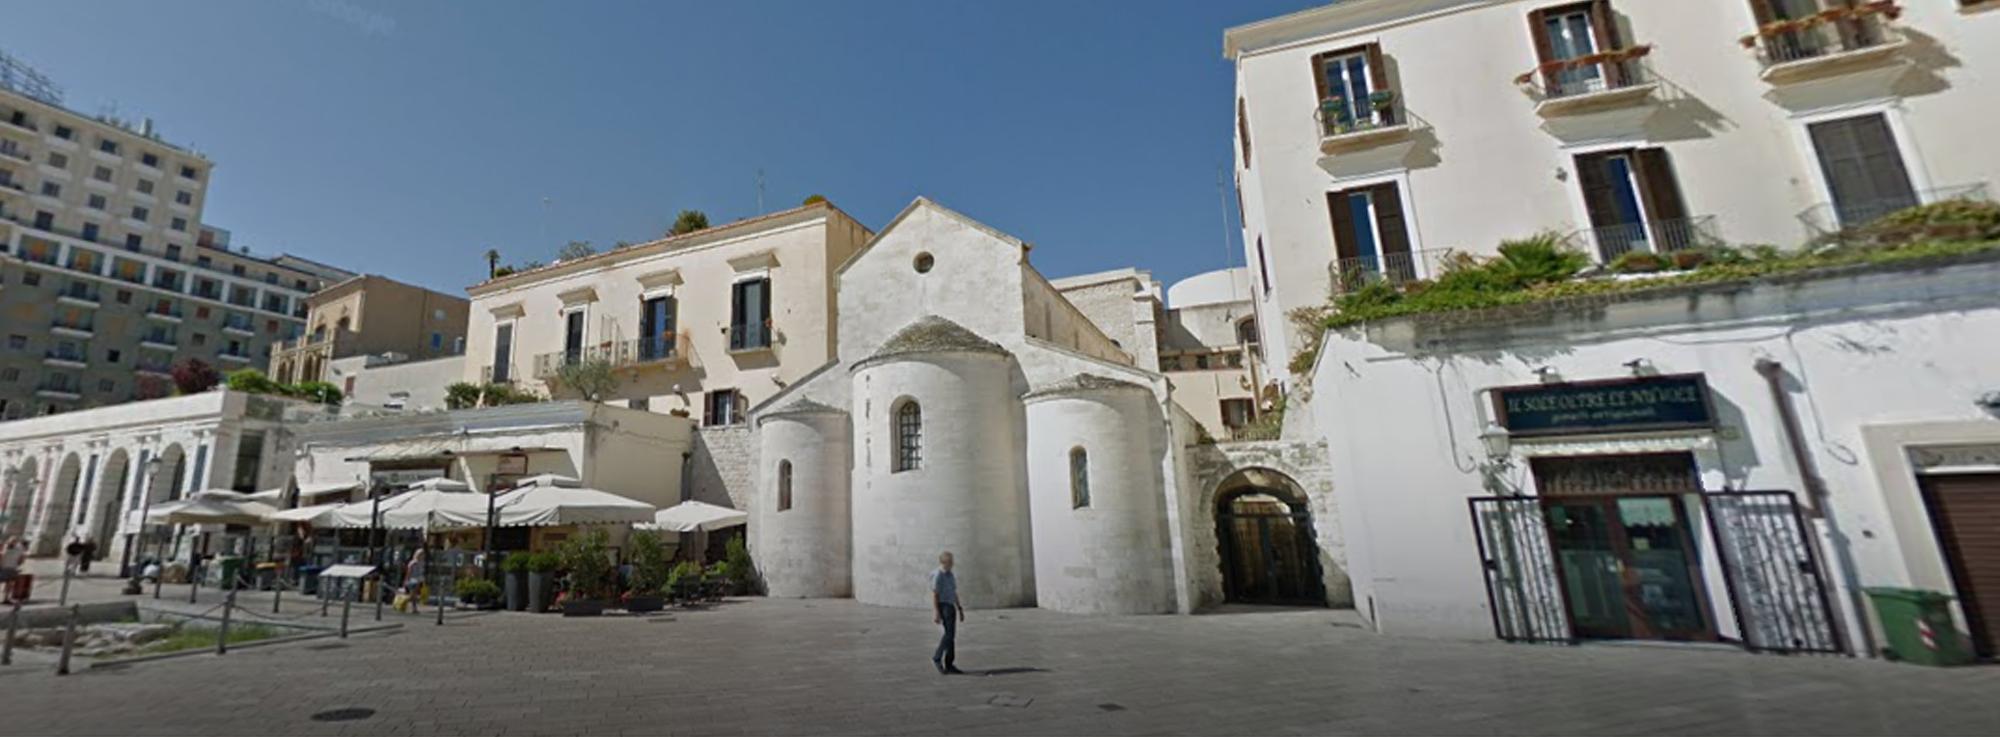 Bari: Credevo di andare in Vacanza